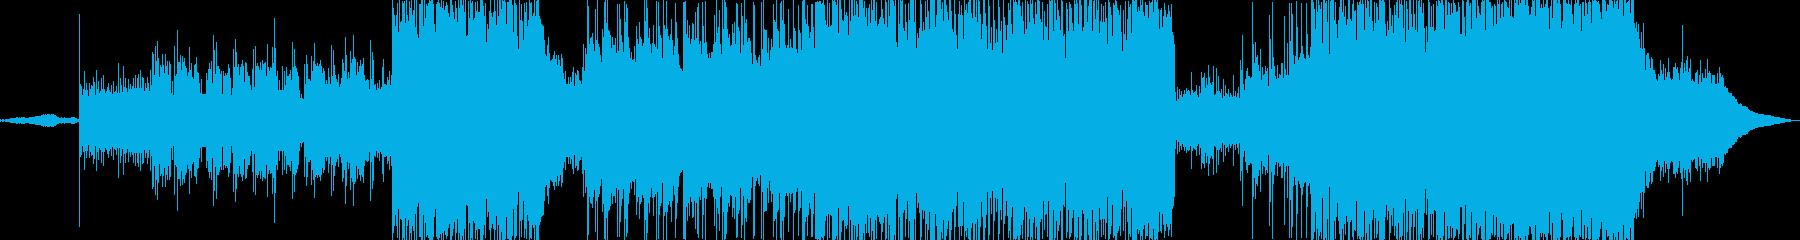 キャッチーな女性シンガー/ソングラ...の再生済みの波形